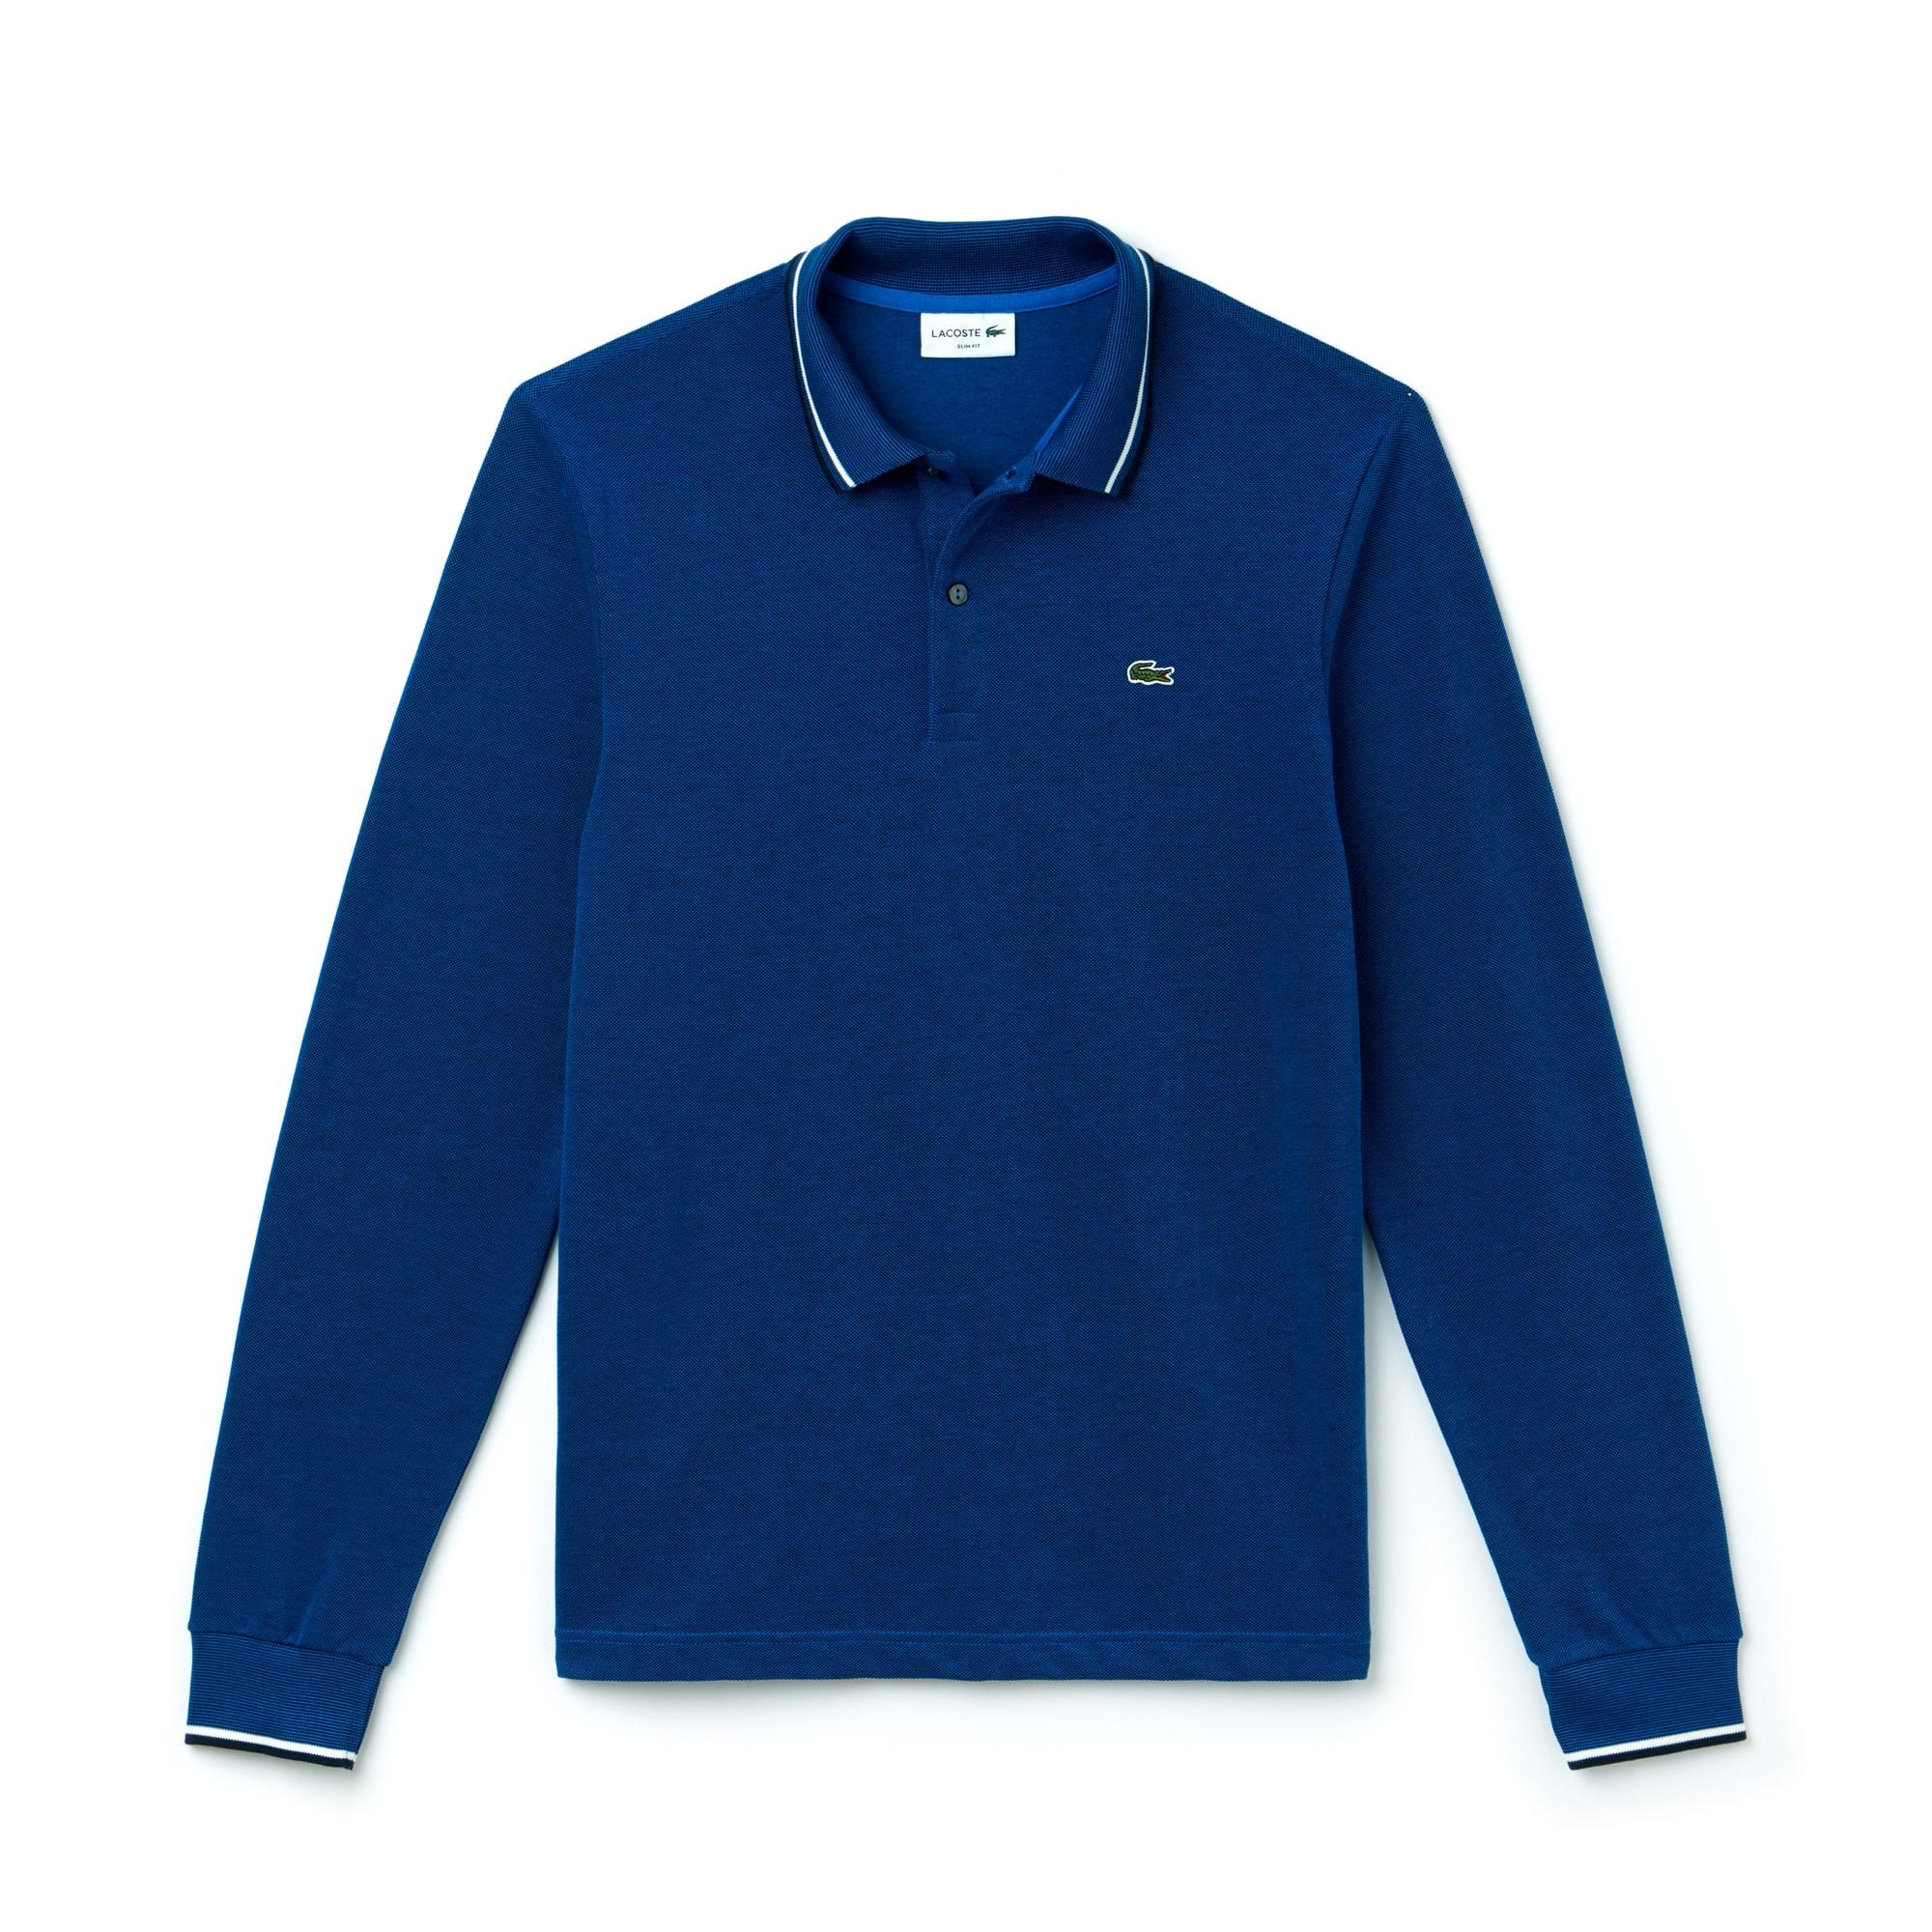 라코스테 Lacoste Mens Slim Fit Contrasting Accents Caviar Pique Polo,blue royal/dark navy blue